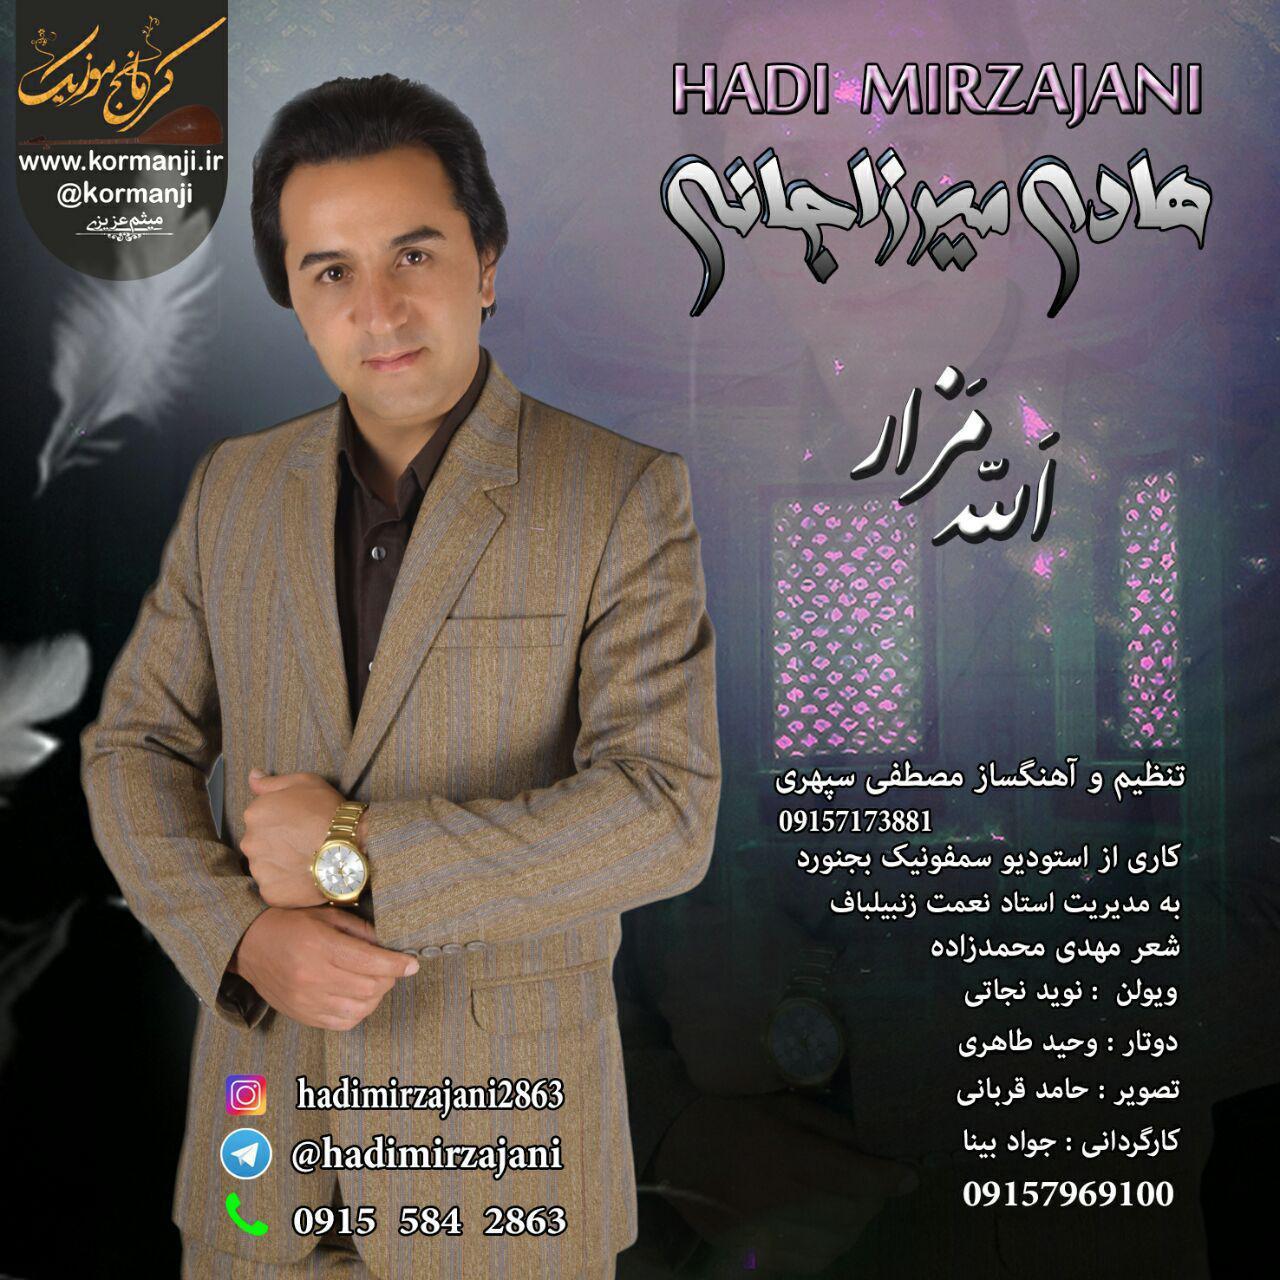 آهنگ و موزیک ویدئو جدید از  هادی میرزاجانی به نام الله مزار